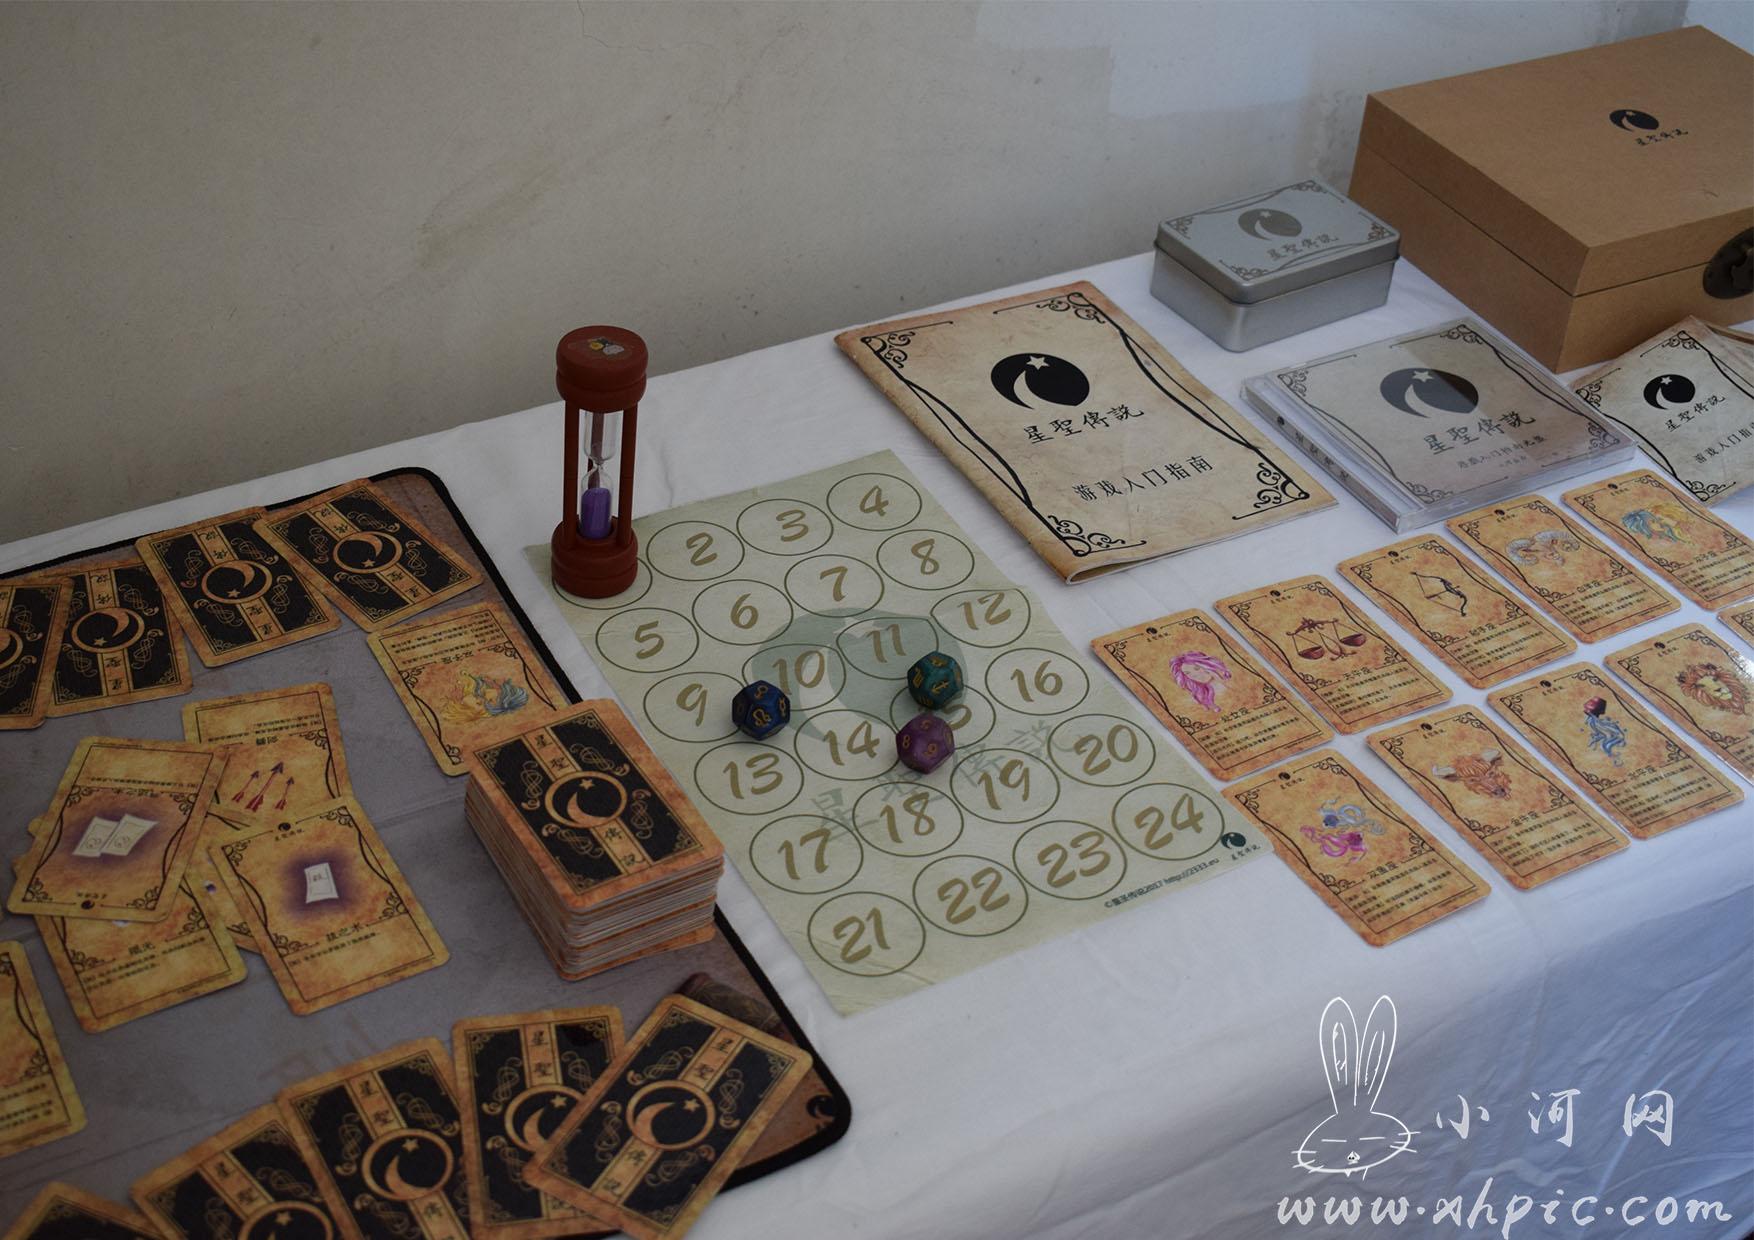 十二星座桌面卡牌游戏-星圣传说 个人作品 第8张